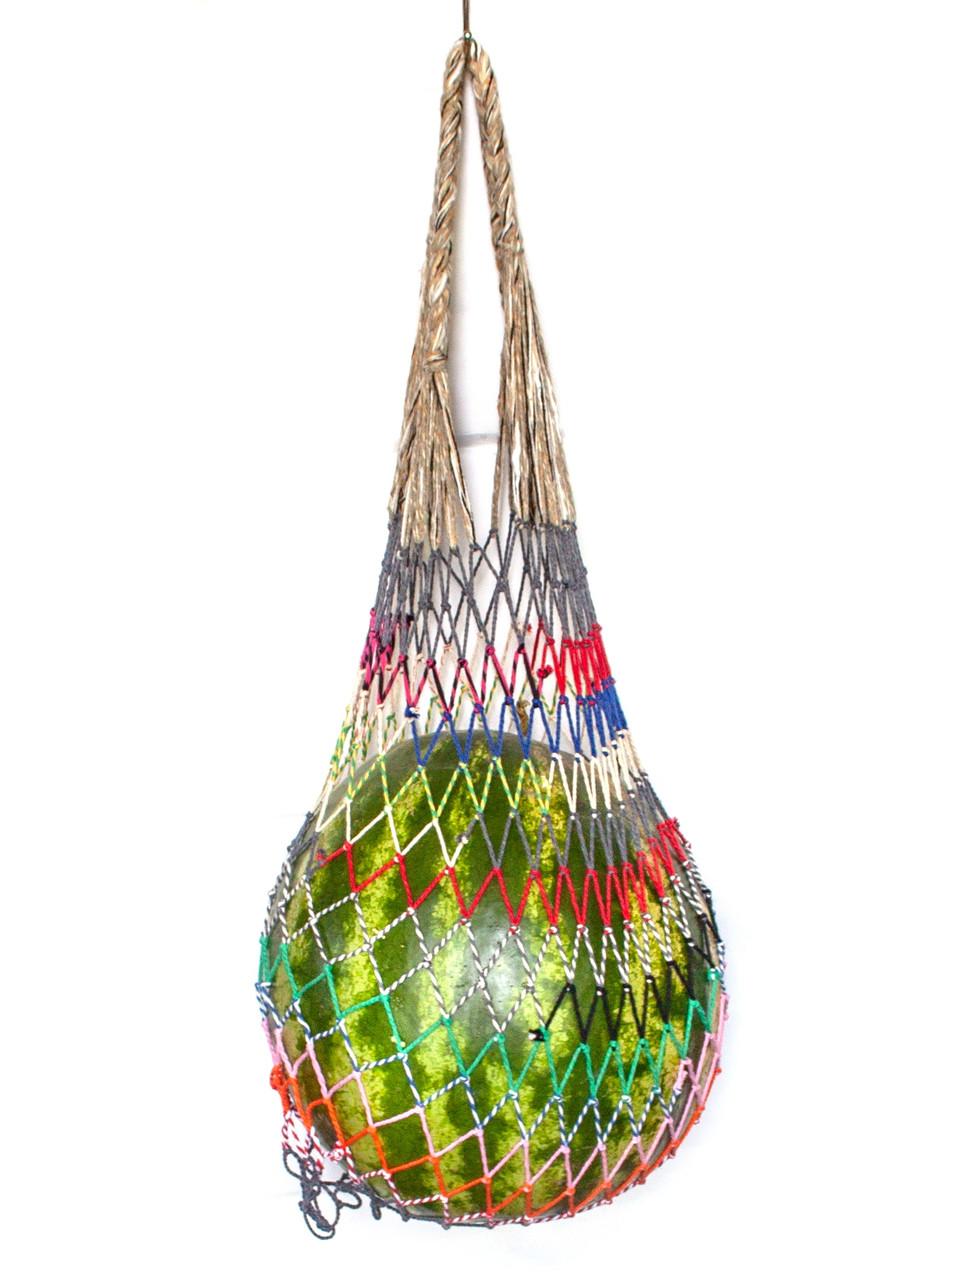 Эко сумка  - Шоппер сумка - Сумка для Арбуза - Эксклюзивная Французская сумка - Овощная сумка